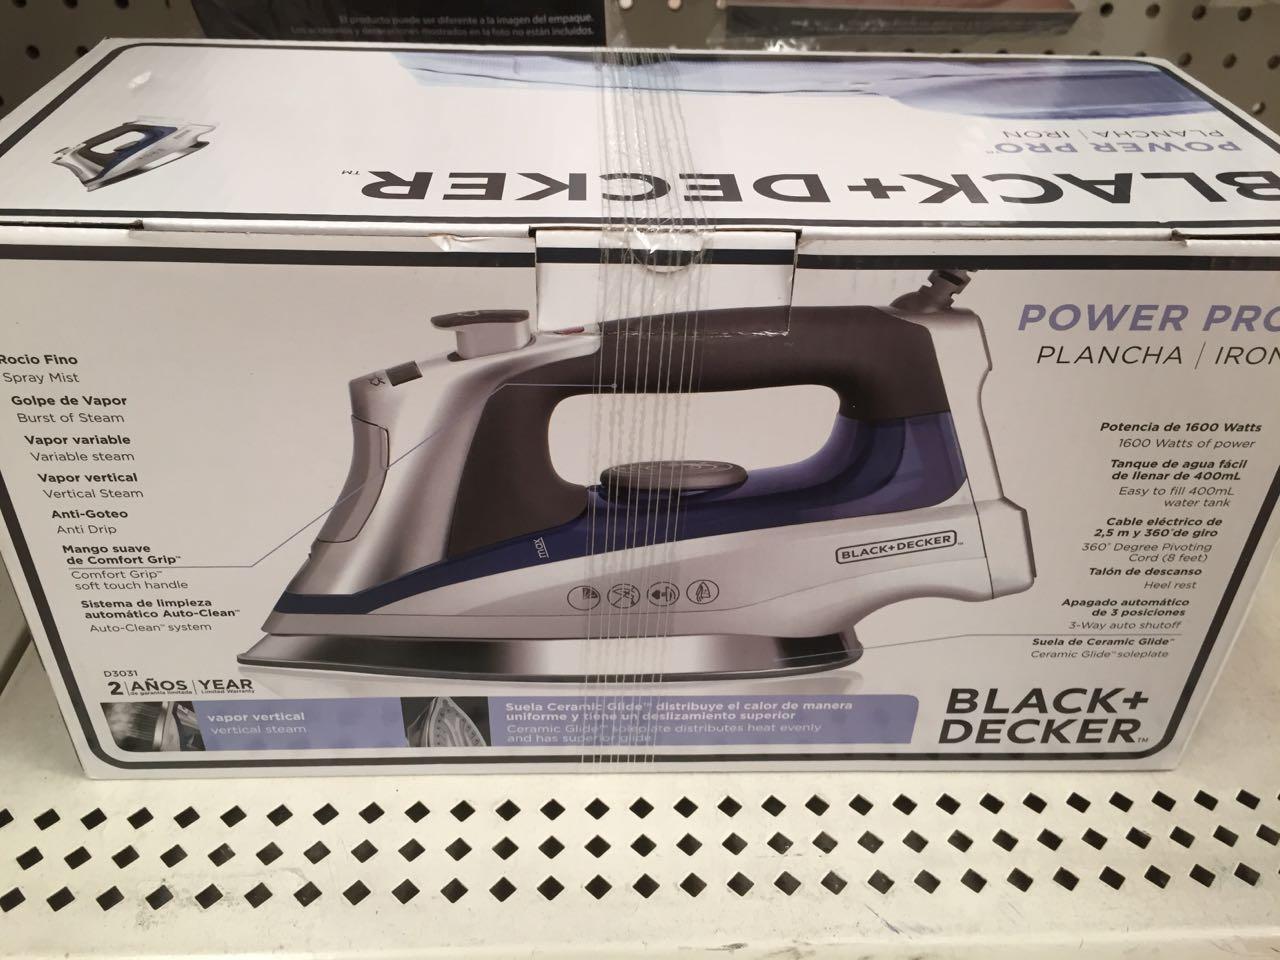 Walmart Reforma: plancha Black + Decker a $395.01